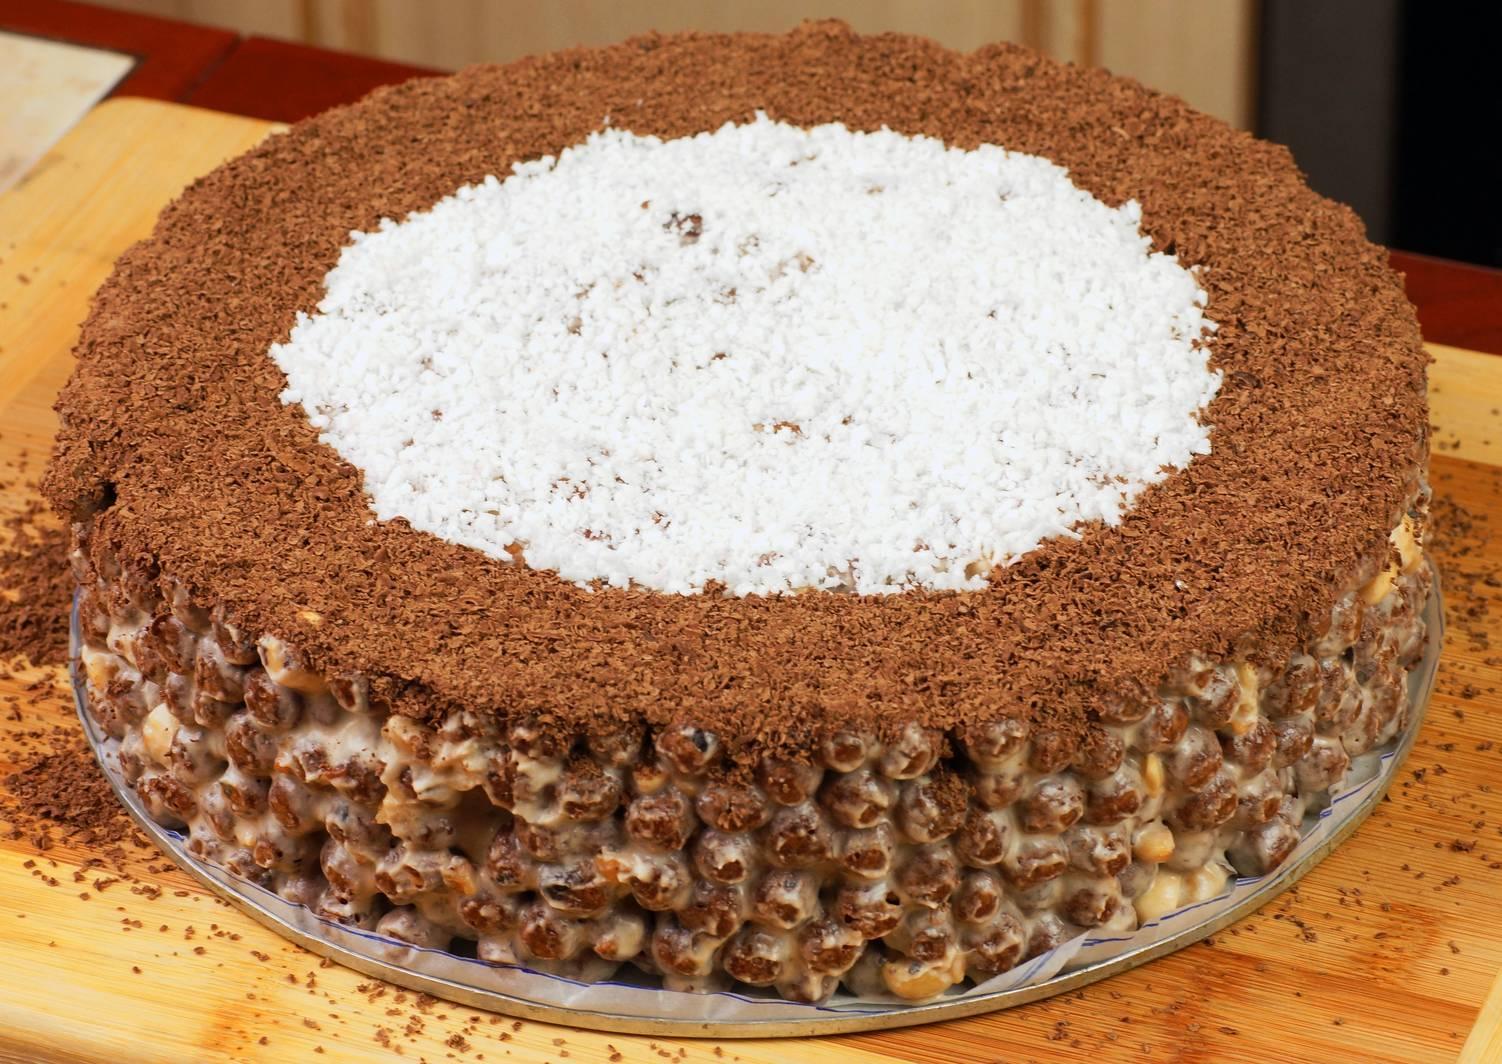 заняла домашний ореховый торт рецепт с фото этого услуга предоставлялась